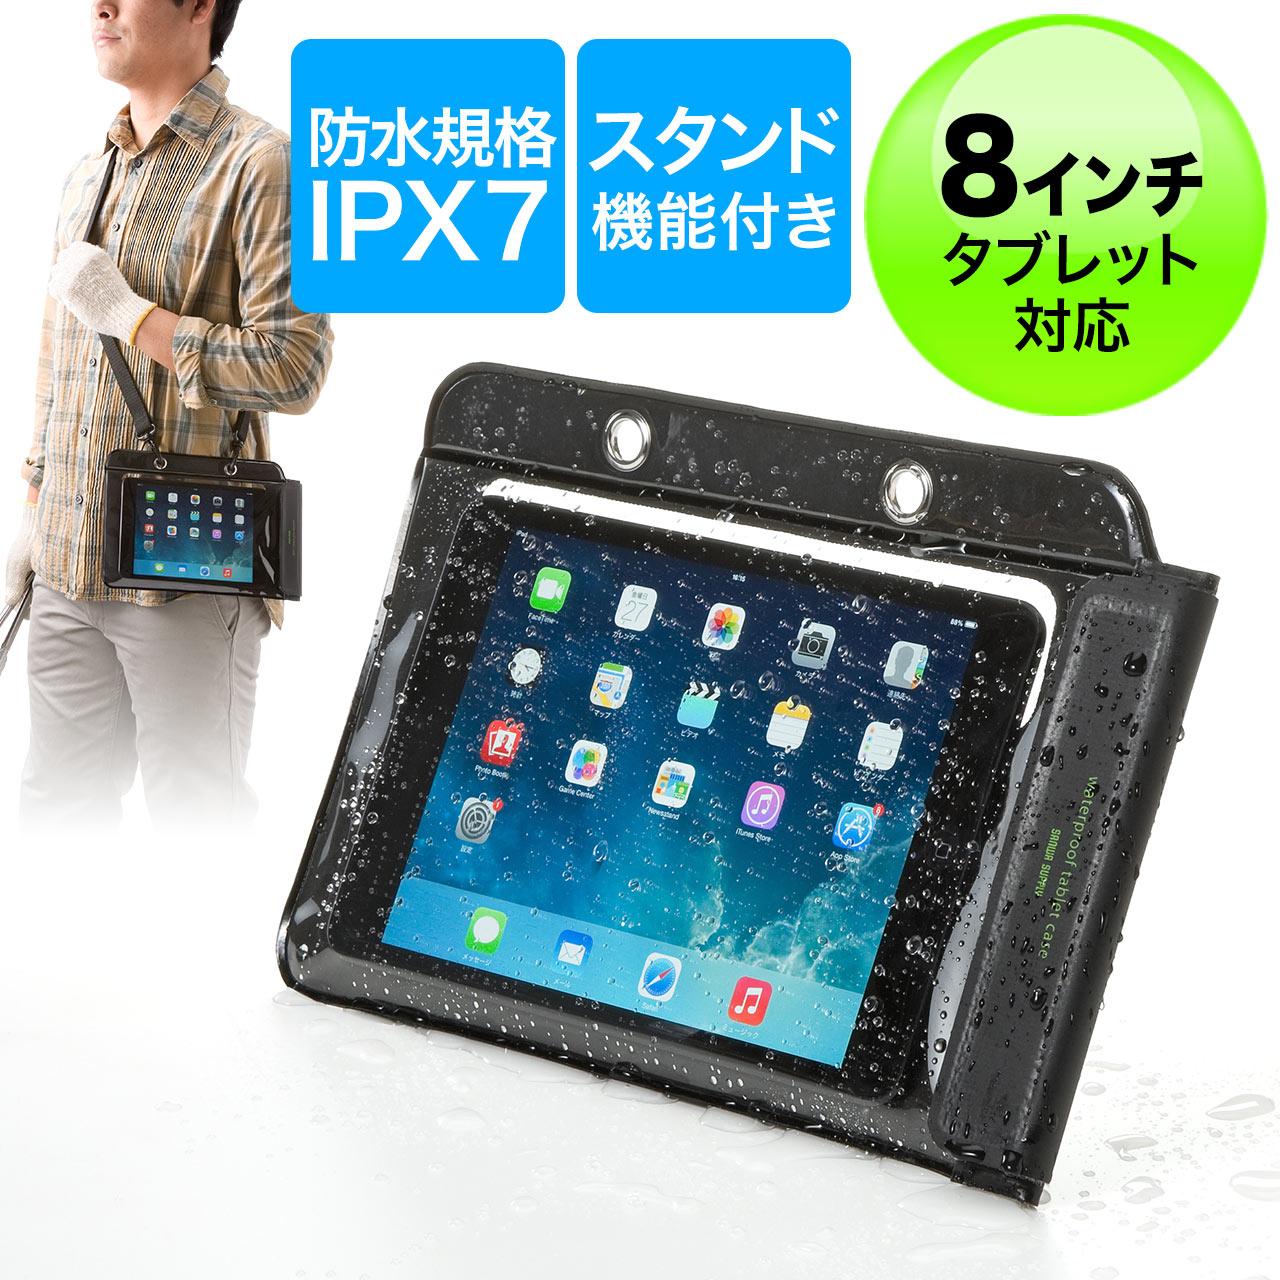 ipad mini 防水ケース お風呂対応 7インチ汎用 スタンド機能